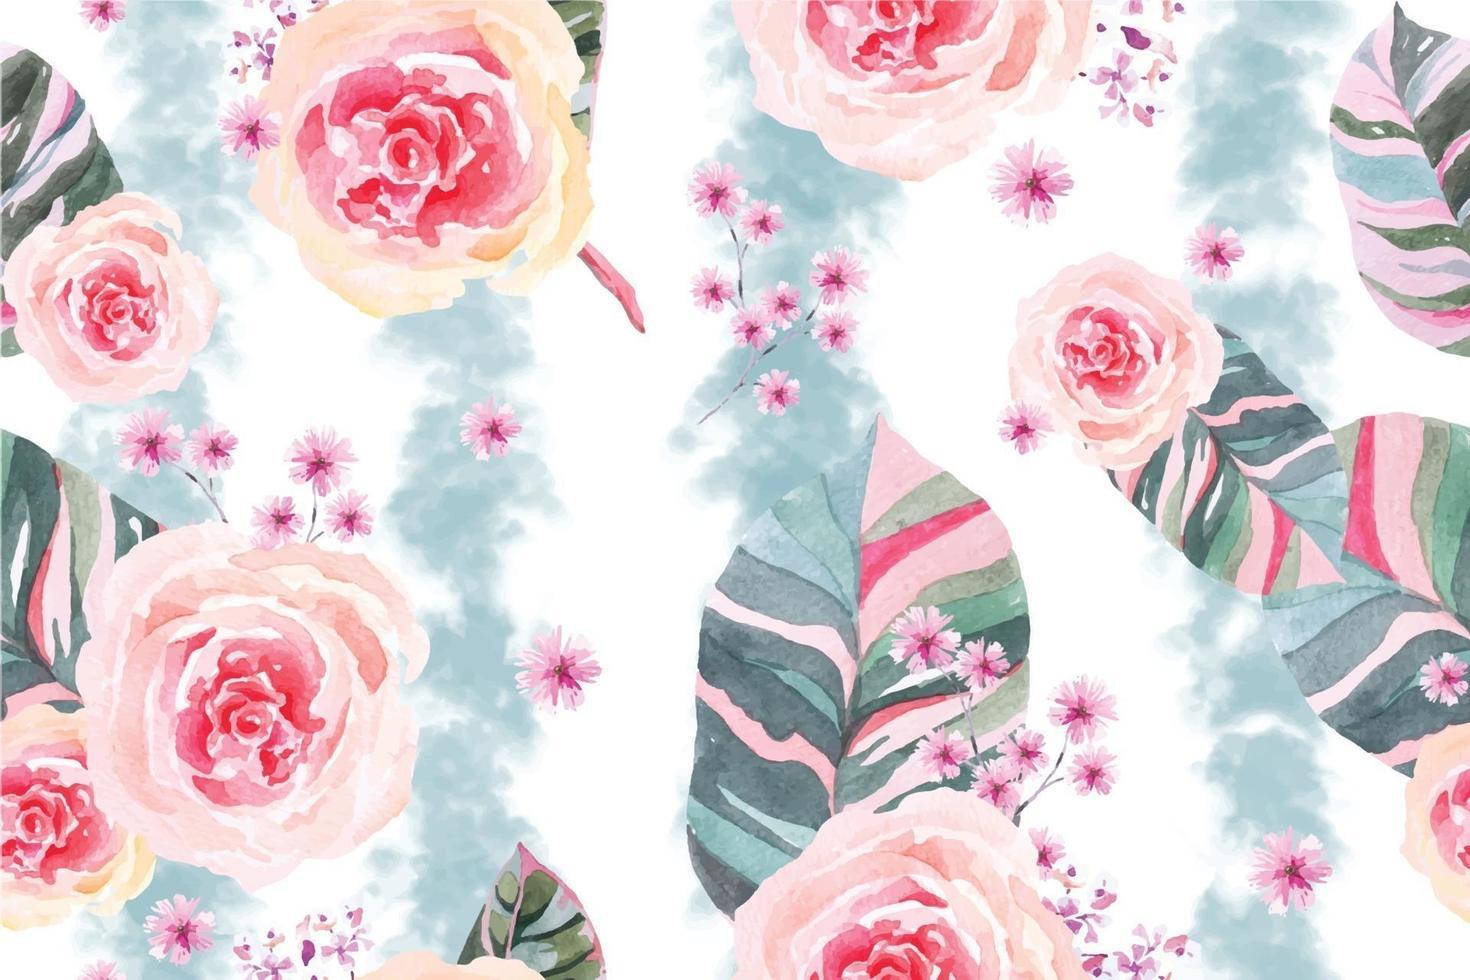 sömlösa mönster av blommande blommor med akvarell 16 vektor